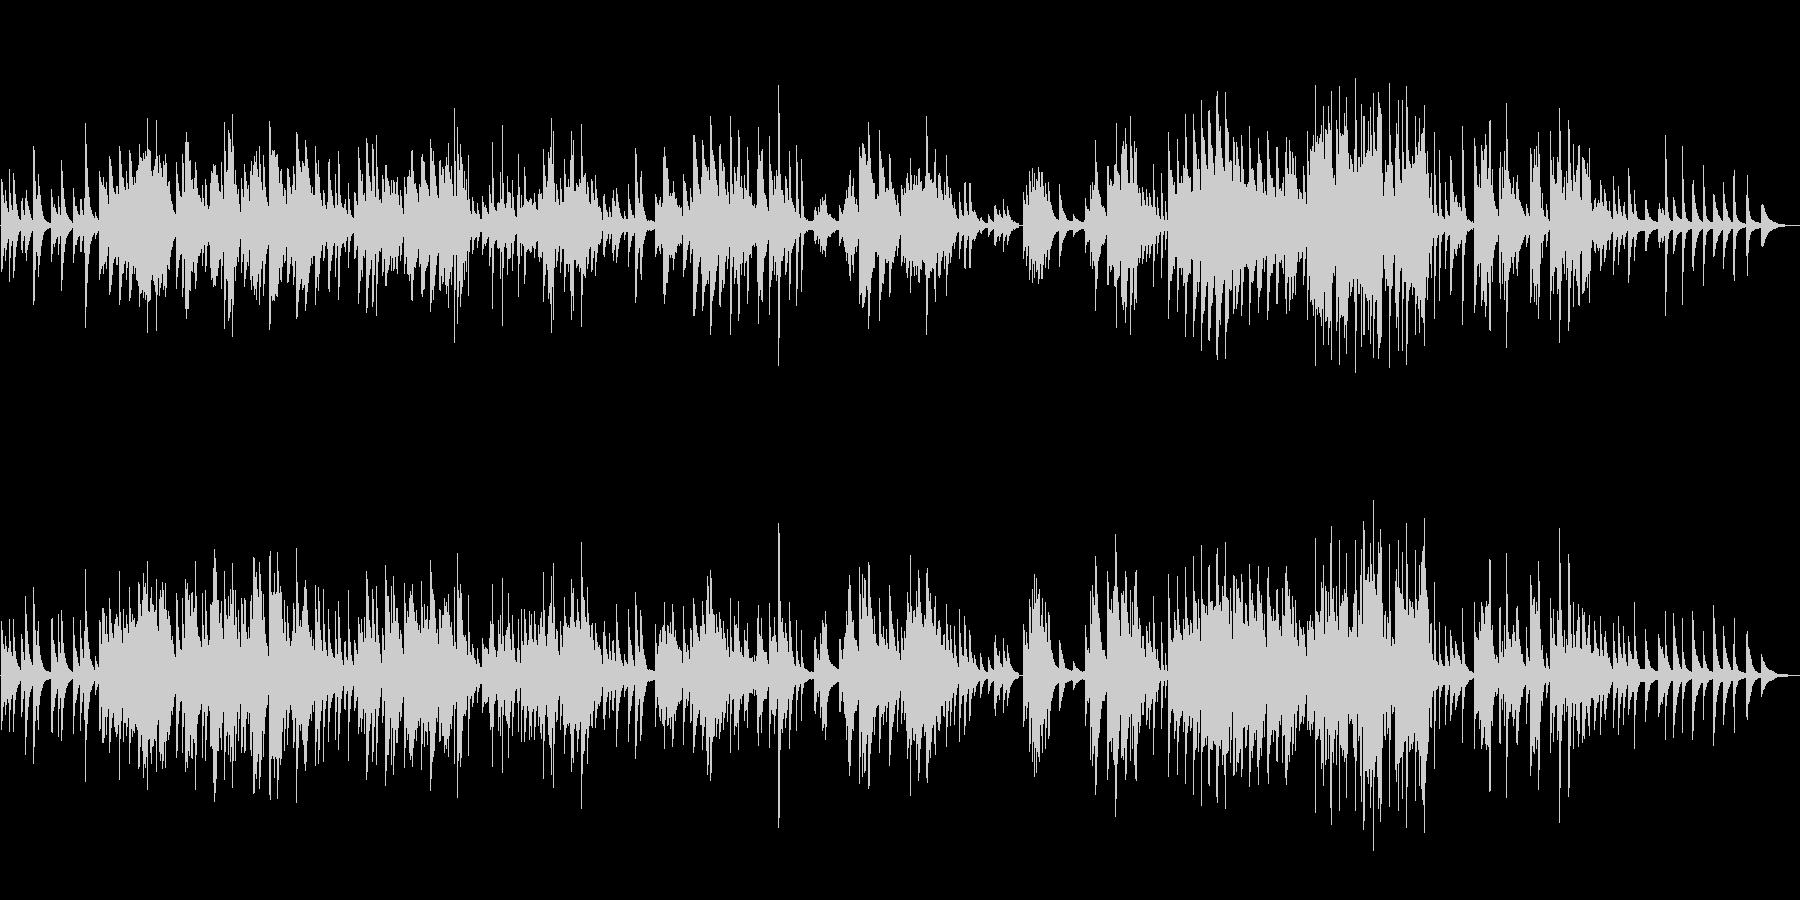 ピアノソロ楽曲です。24bit,48k…の未再生の波形